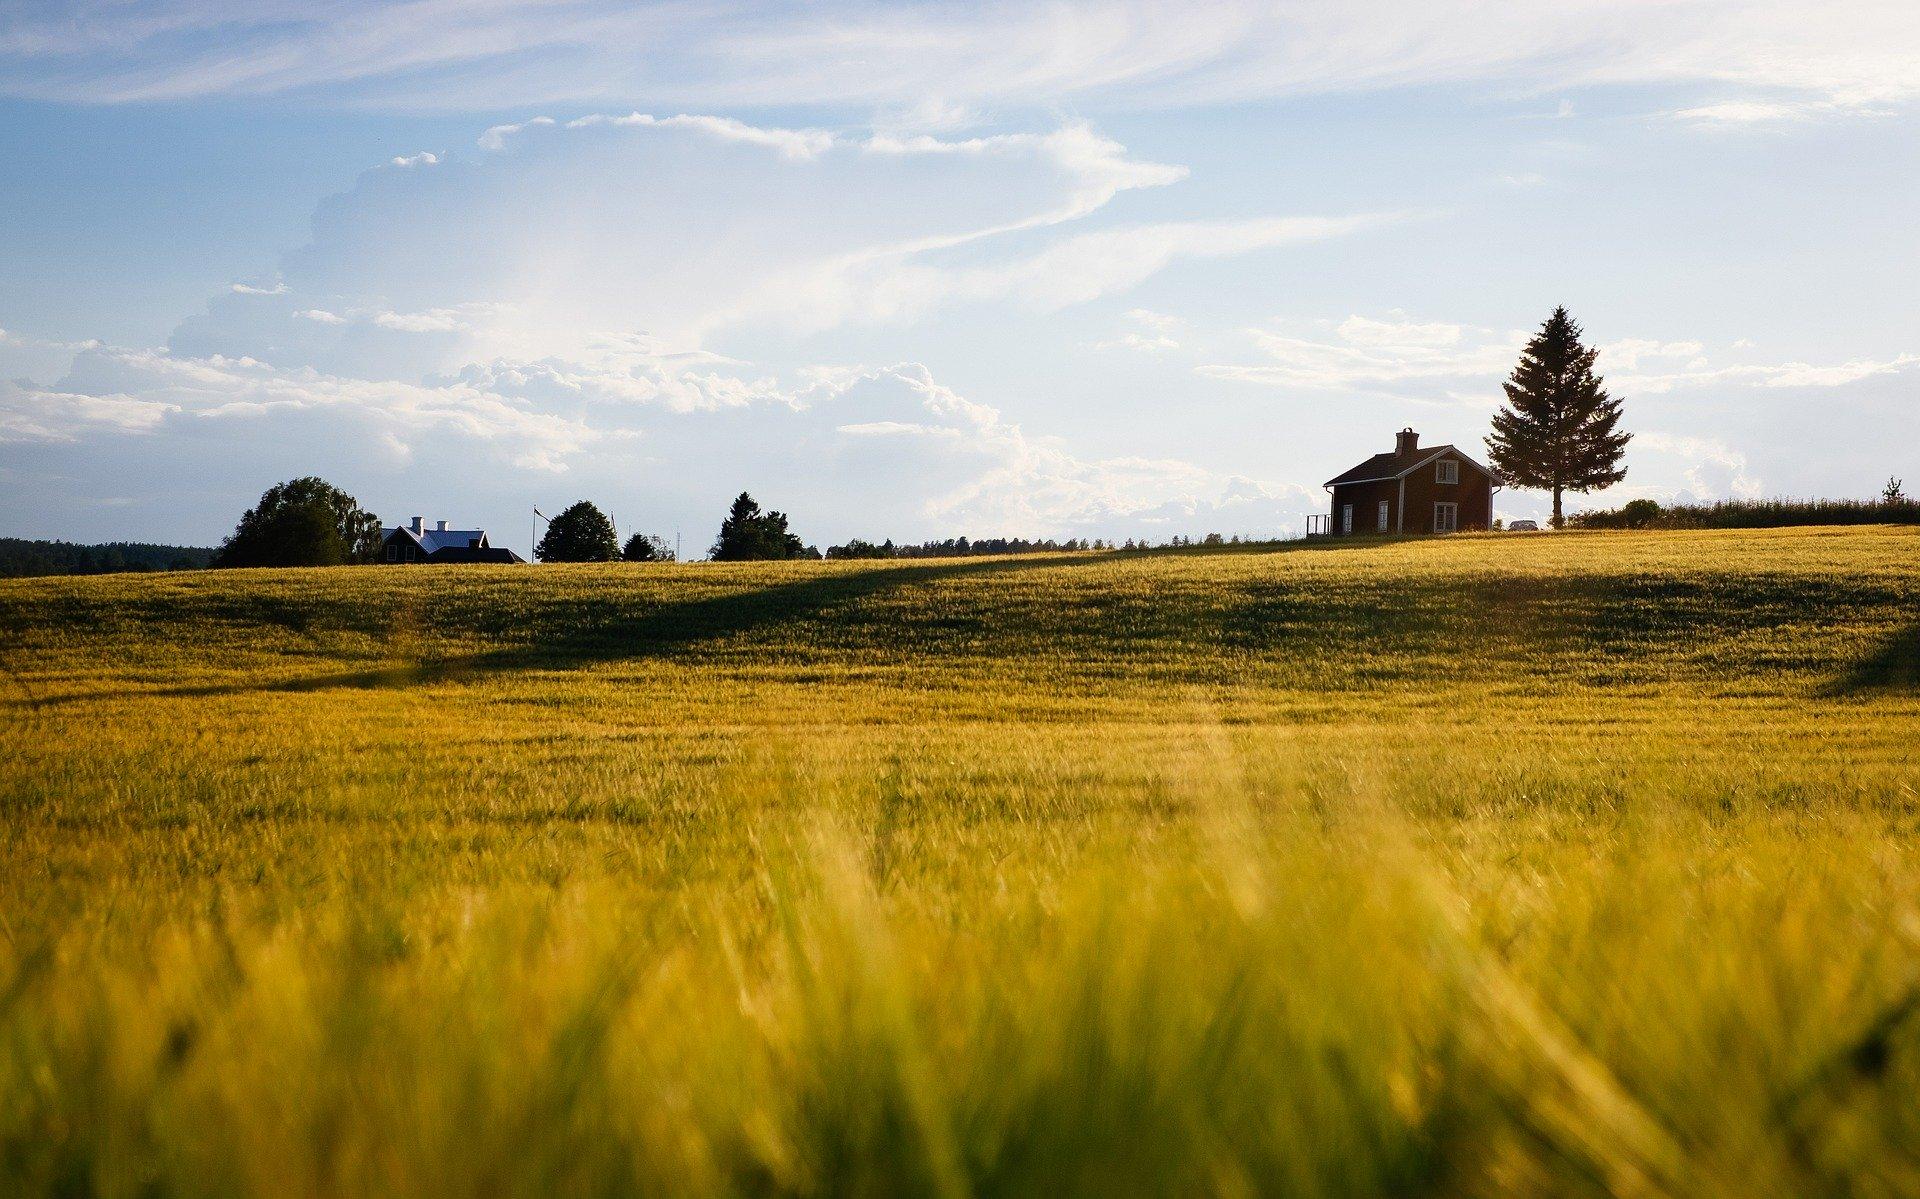 У севастопольцев выкупят 21 земельный участок для строительства «Тавриды»